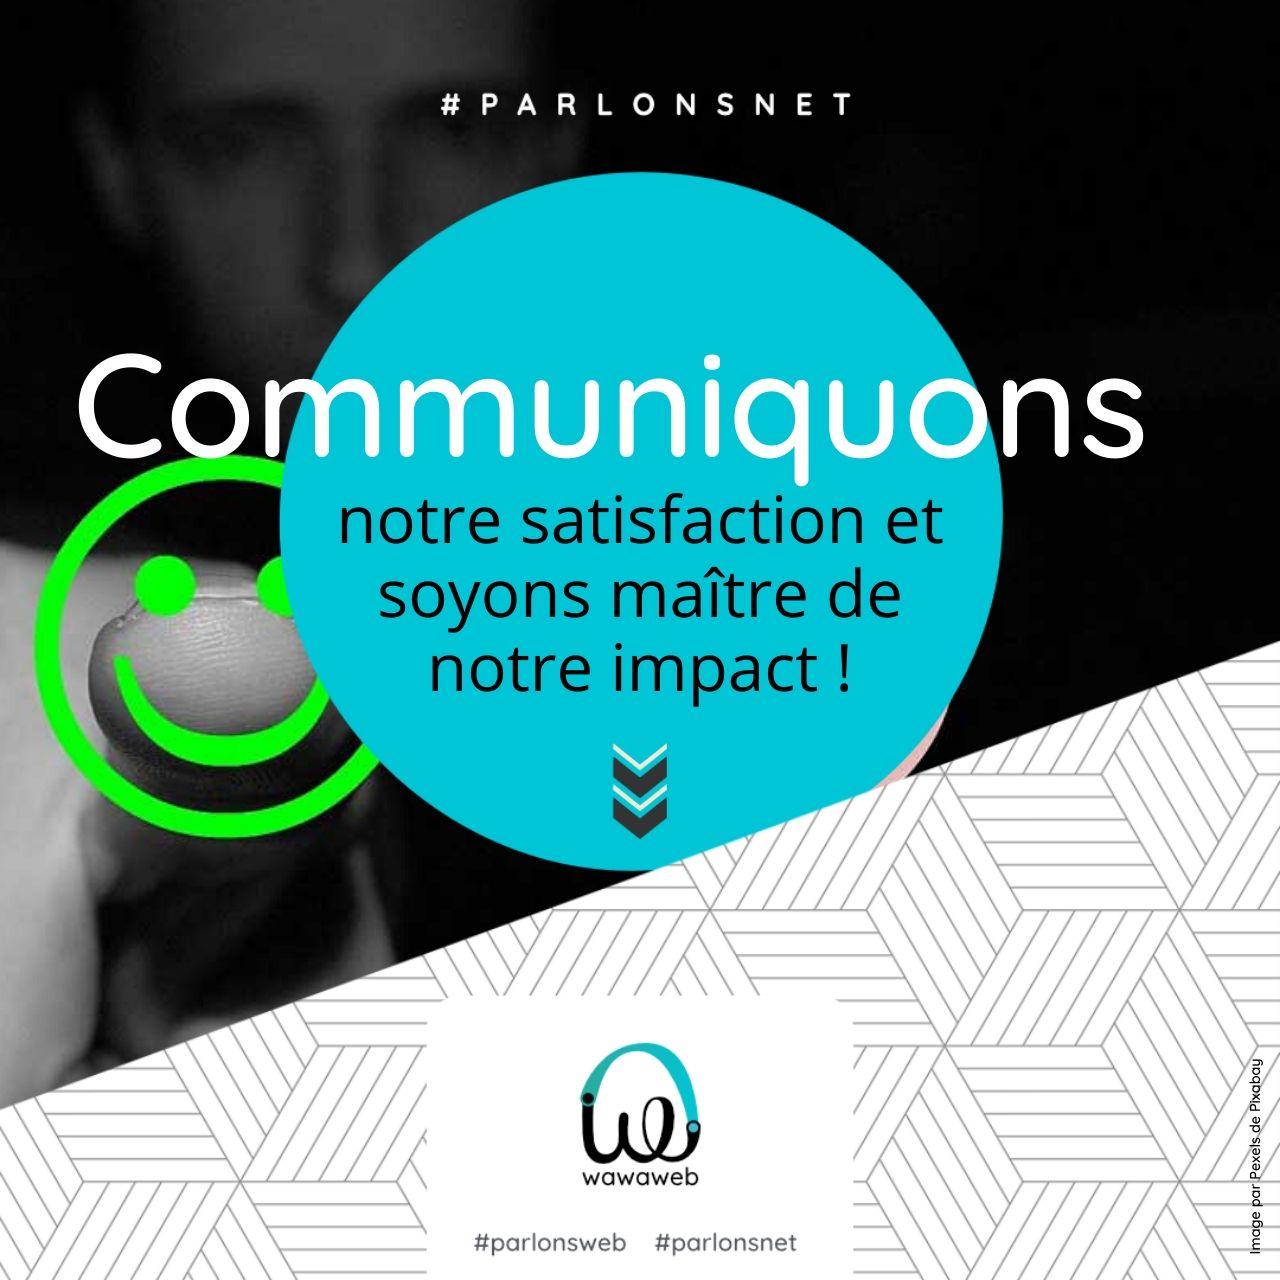 Donnons l'exemple, communiquons… notre satisfaction !!